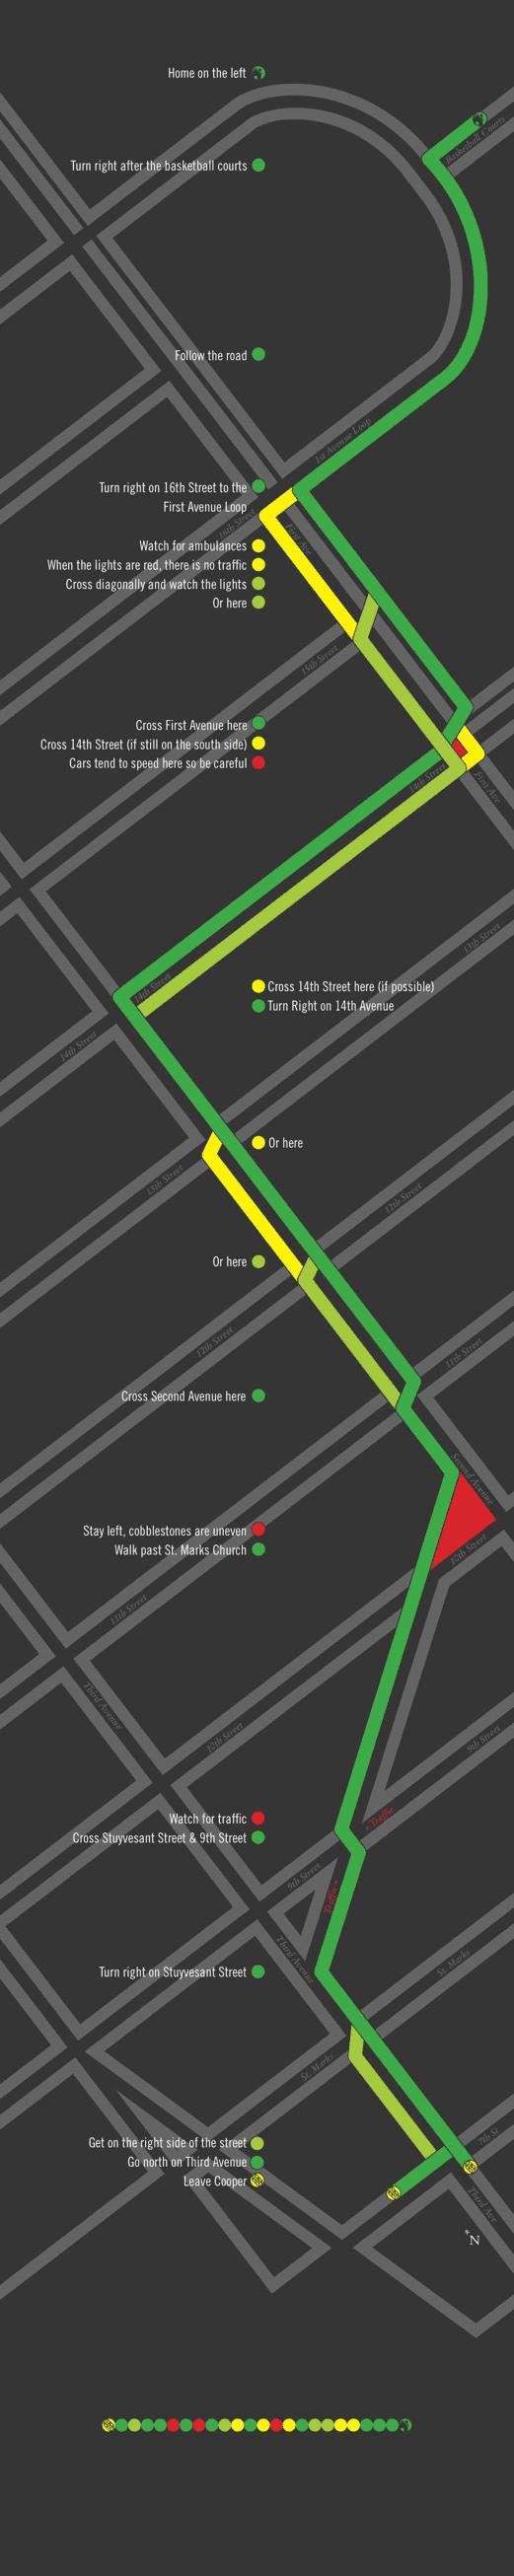 Commute Screens